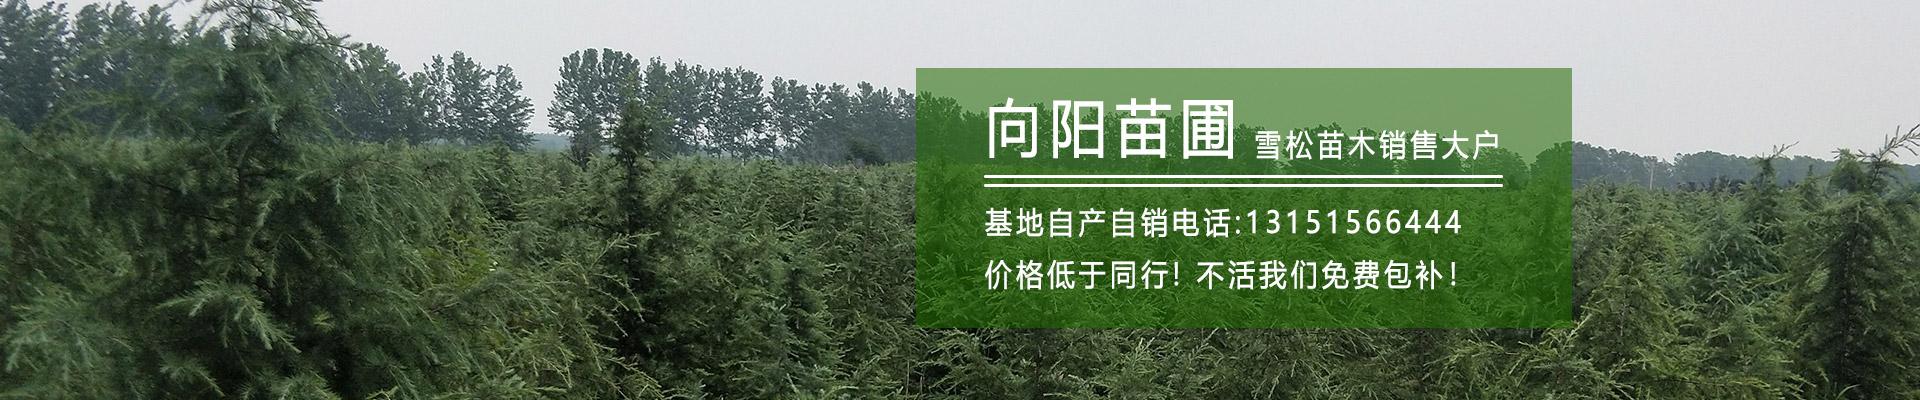 【永利工程用苗价格】南京永利工程苗批发价